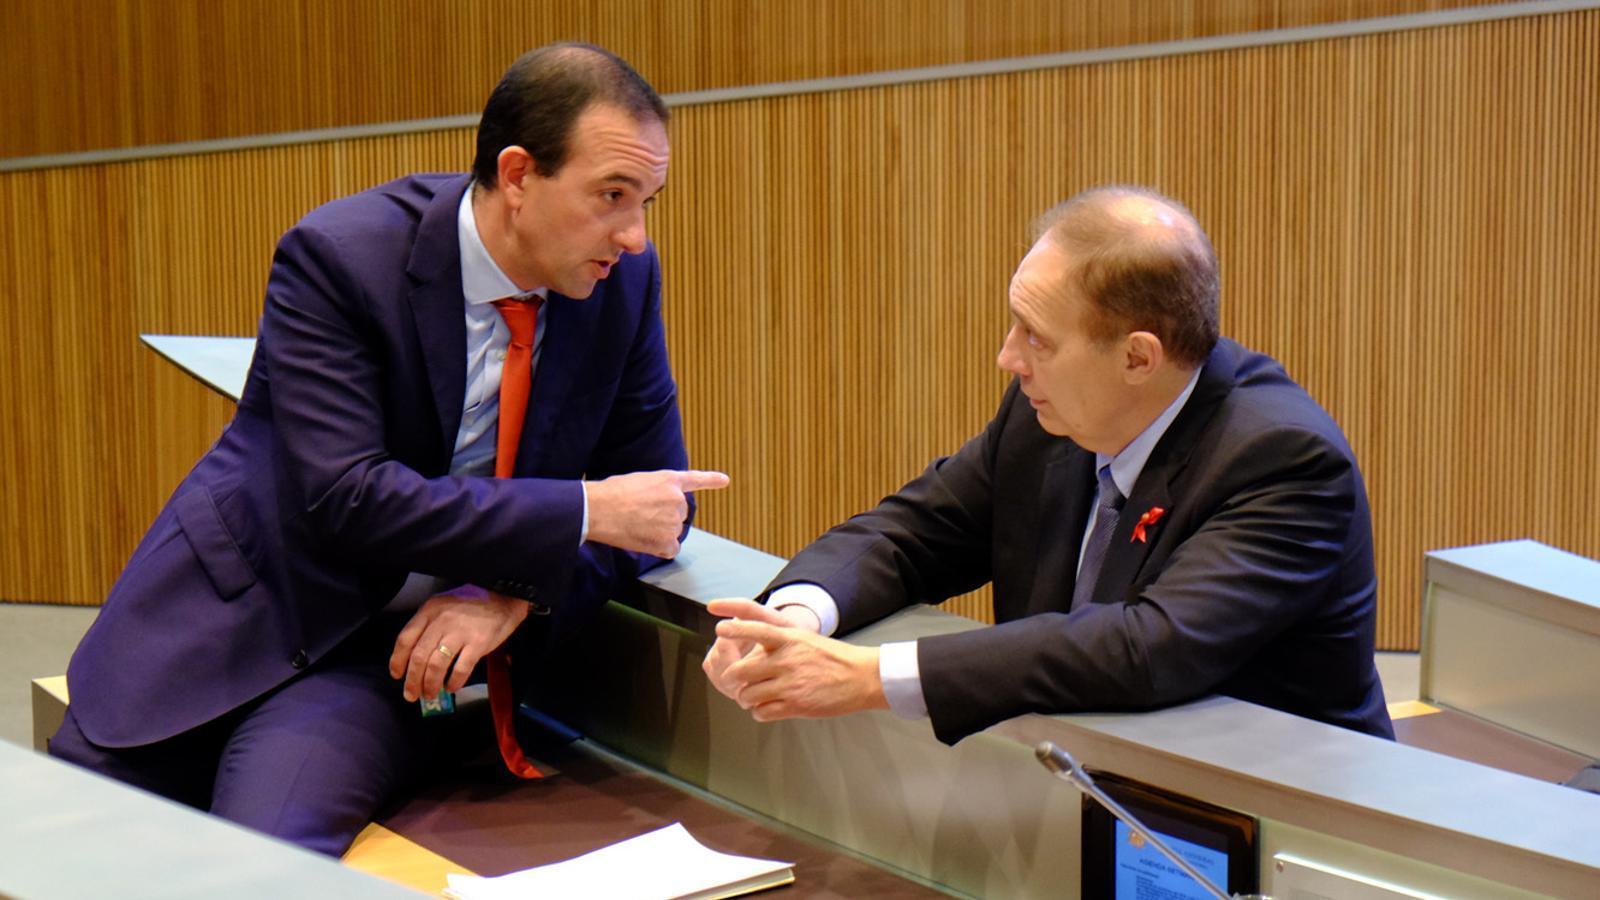 El ministre Jordi Torres i el president del grup liberal Josep Pintat / M.T. (ANA)